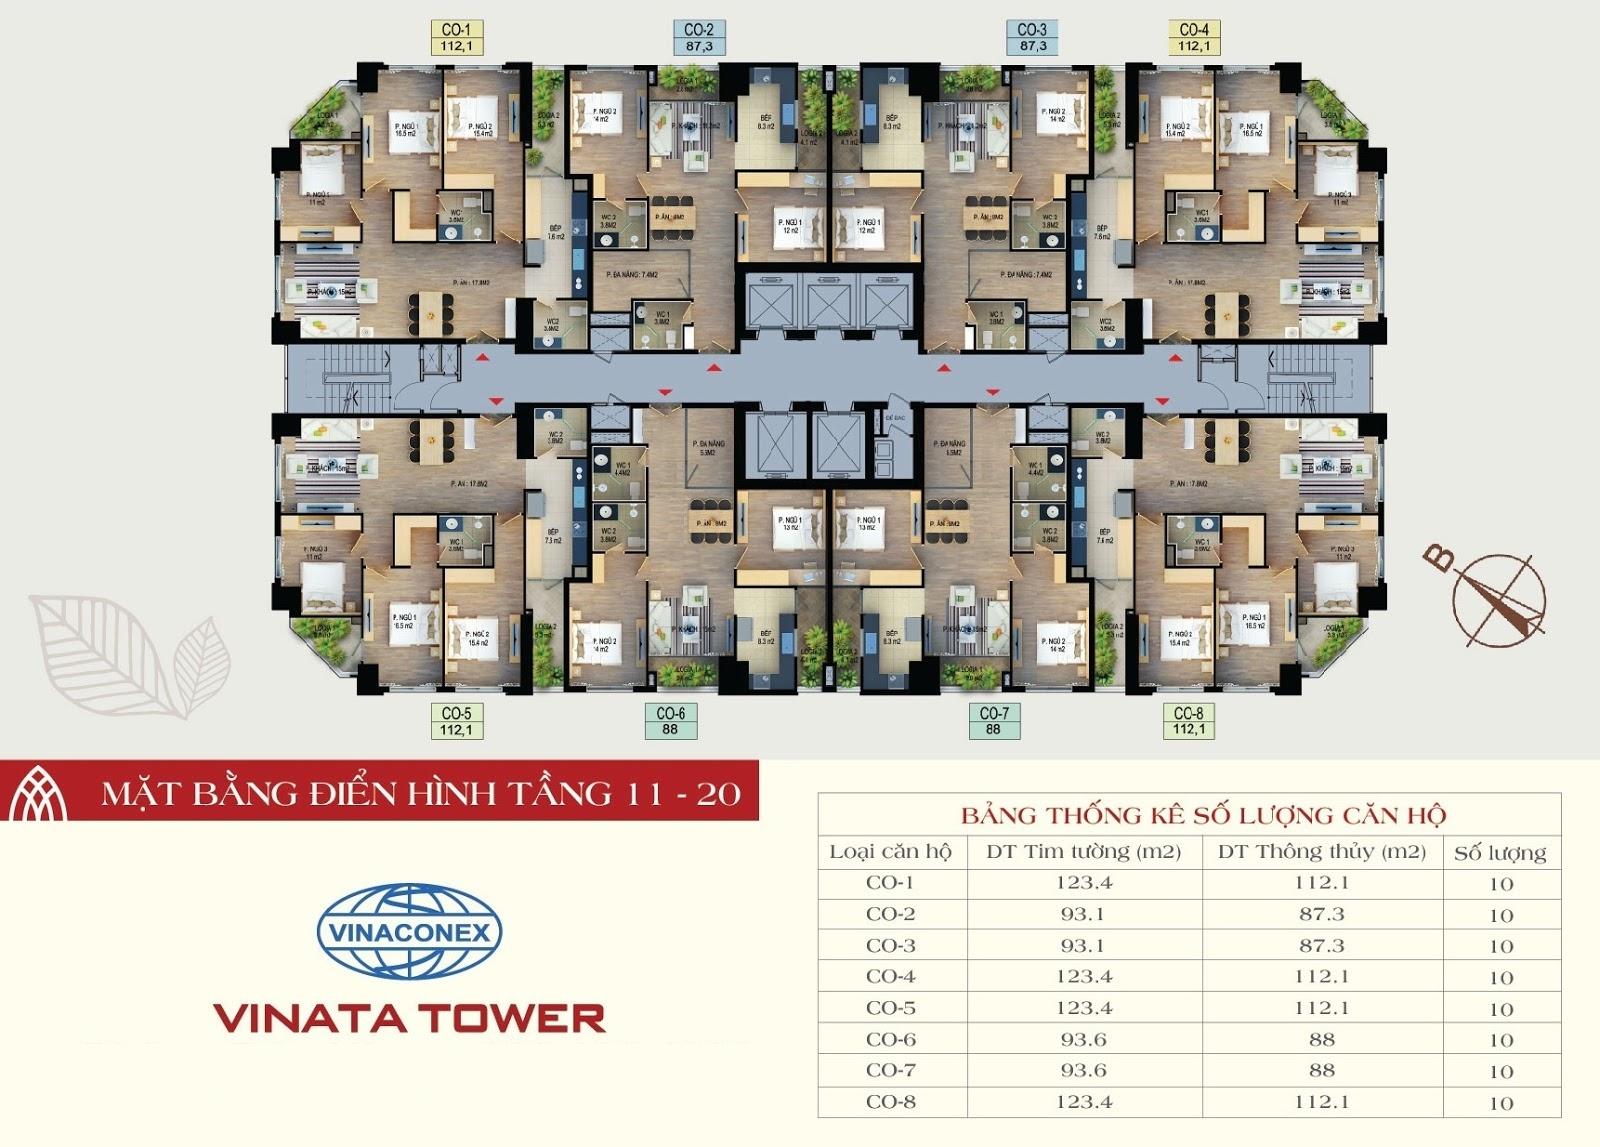 mặt bằng chung cư vinata tower tầng 11-20